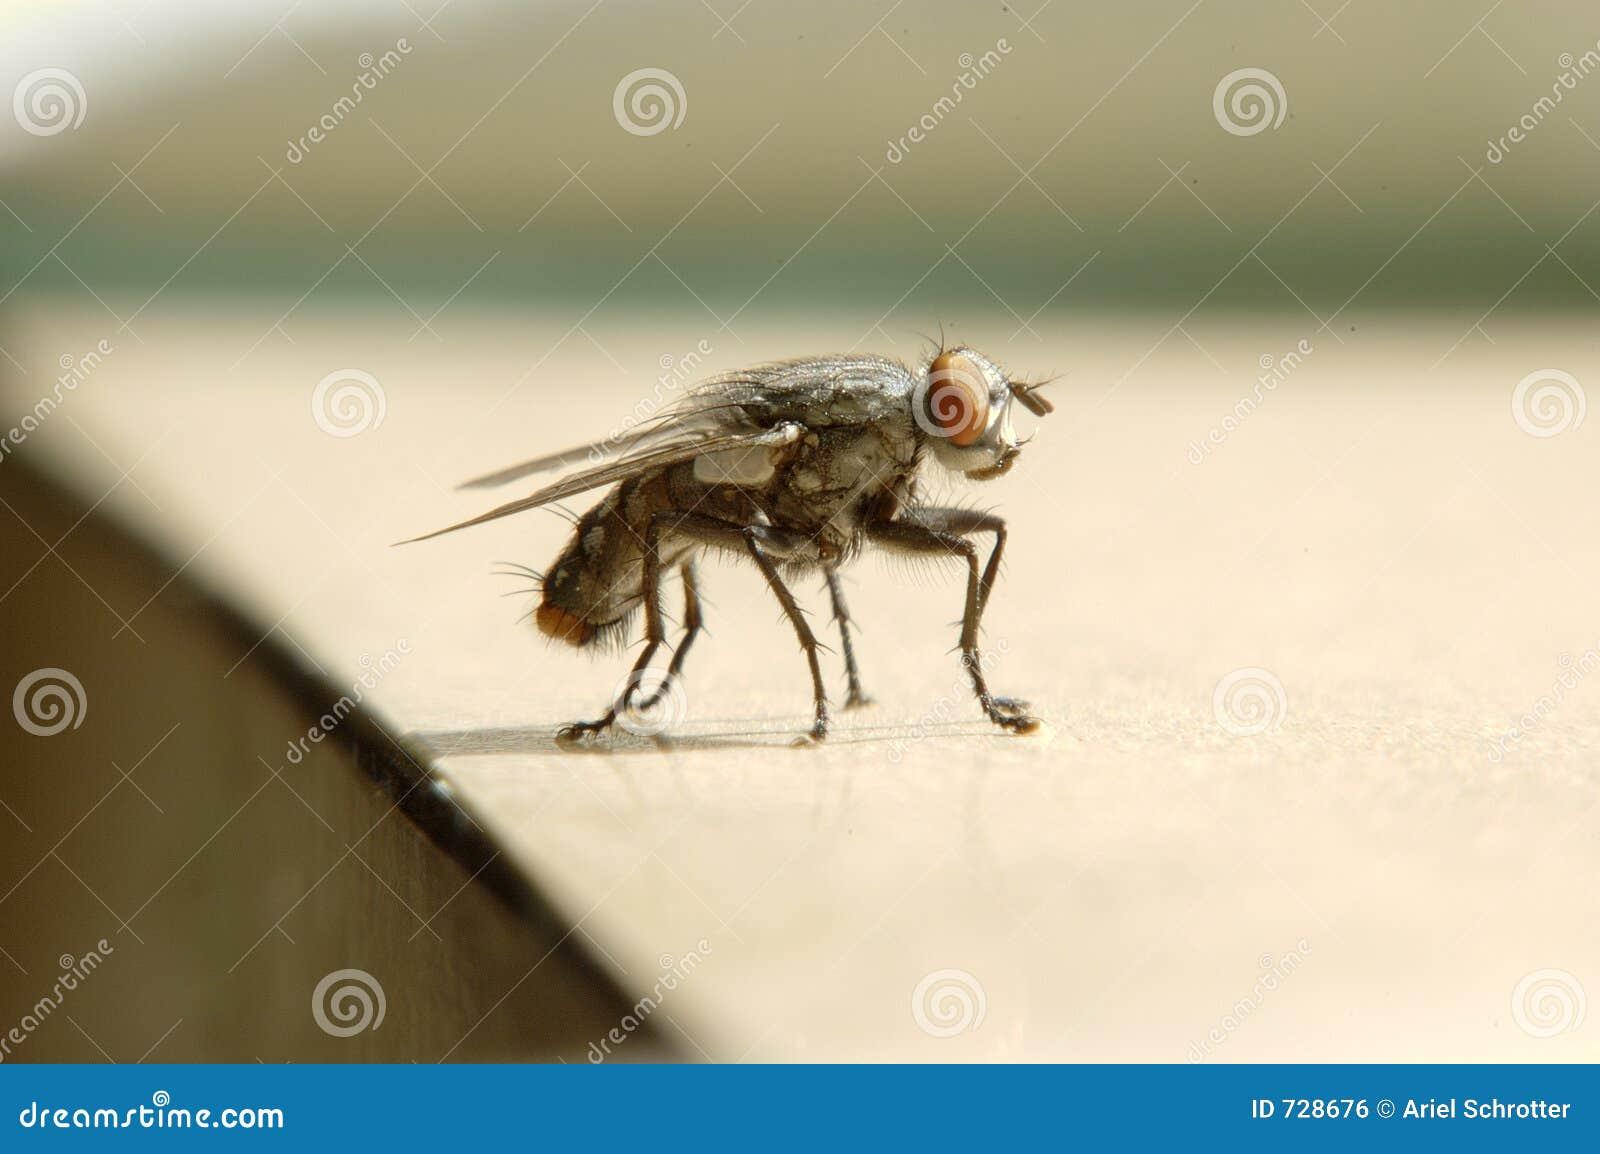 Haut proche de mouche